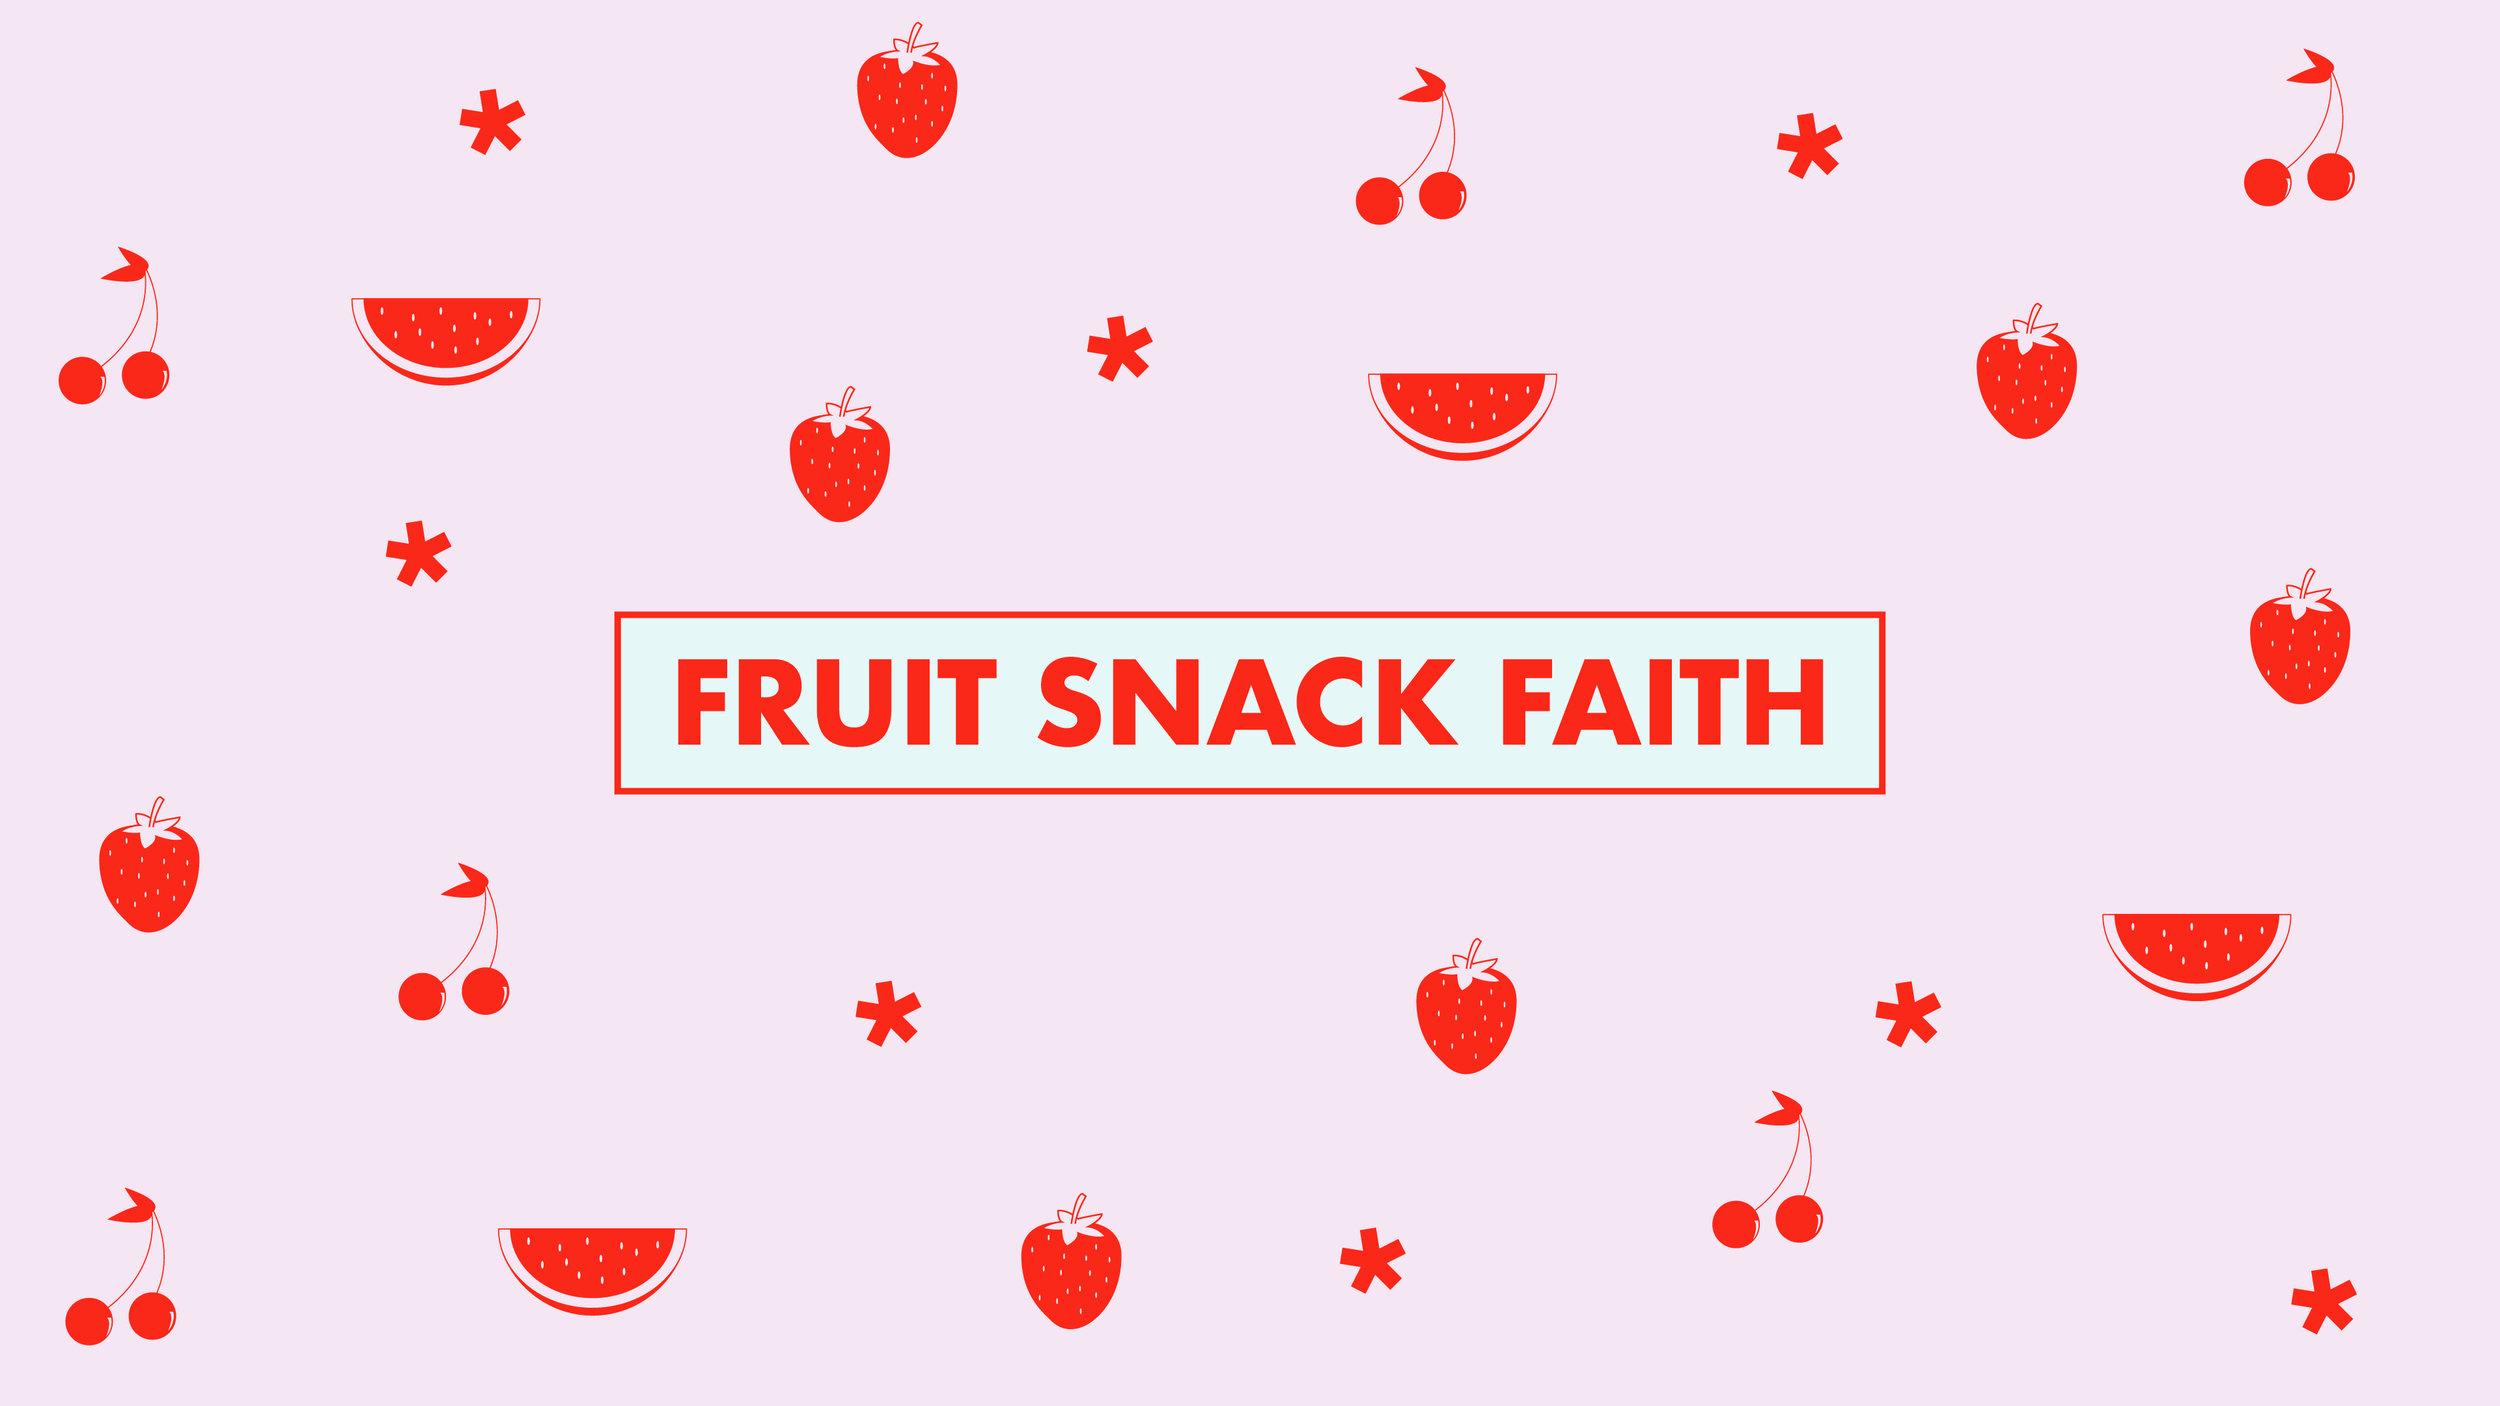 Fruit Snack Faith@2x-100.jpg